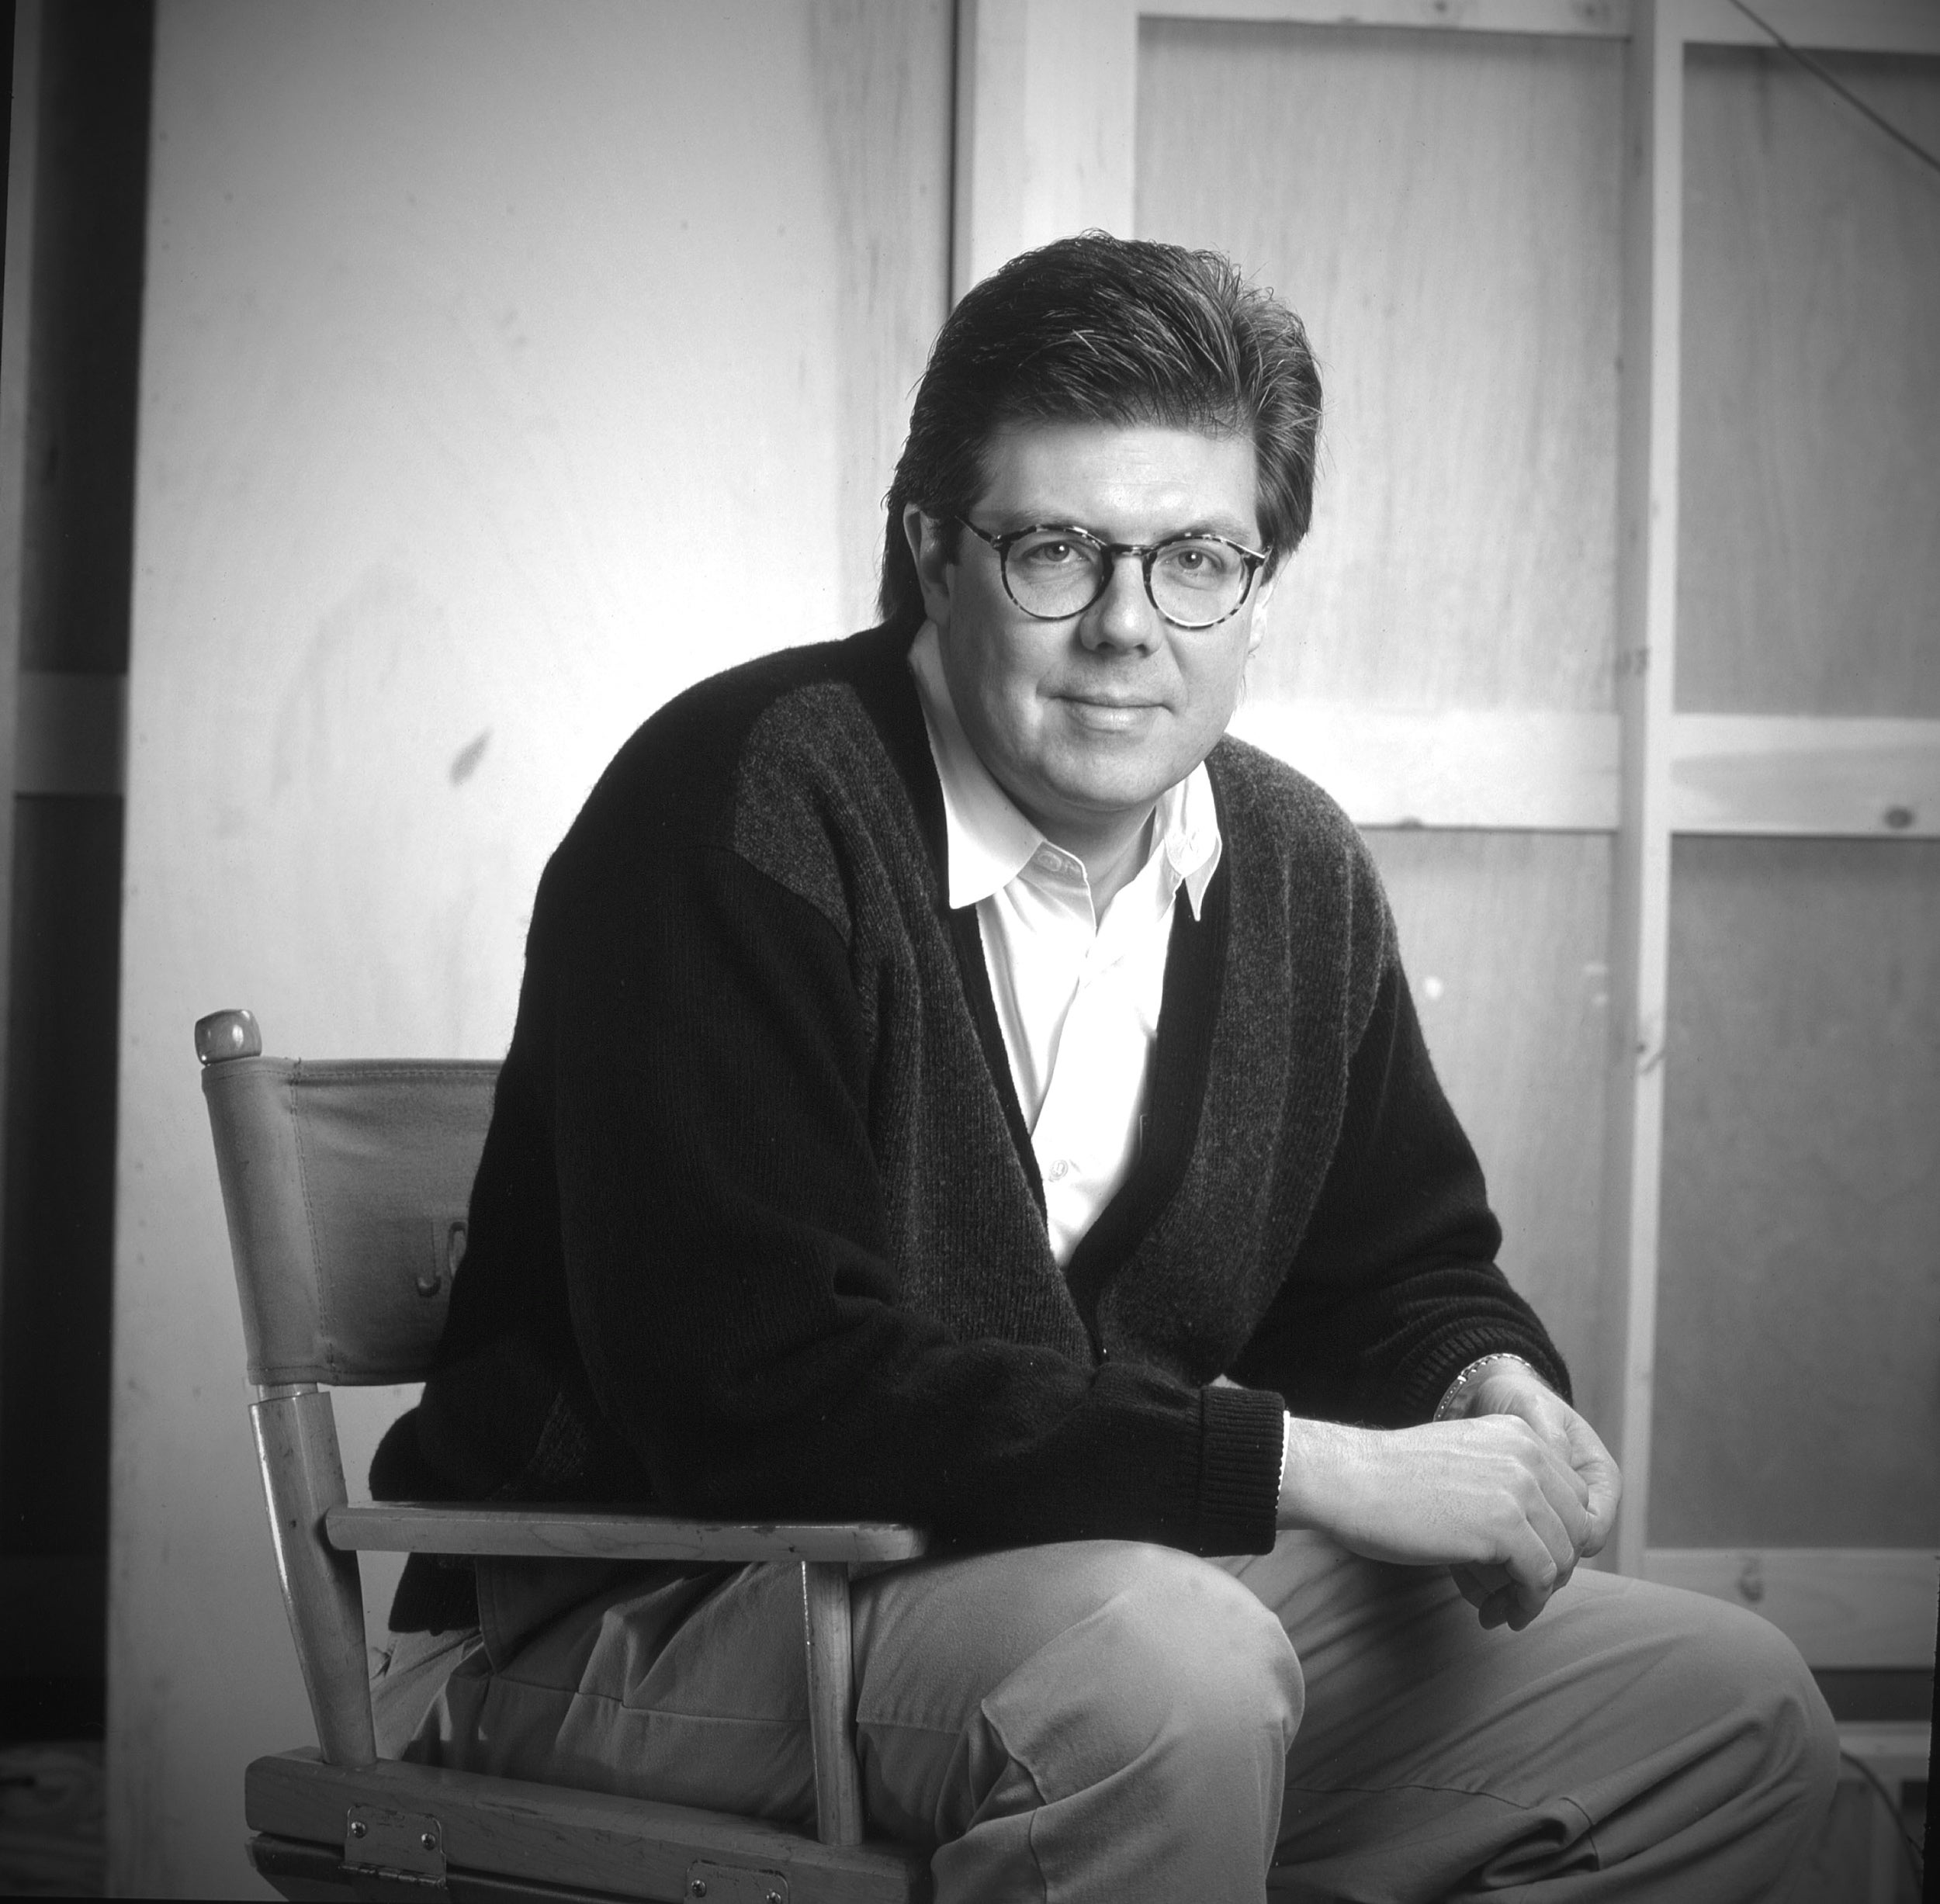 Filmmaker John Hughes in 1990